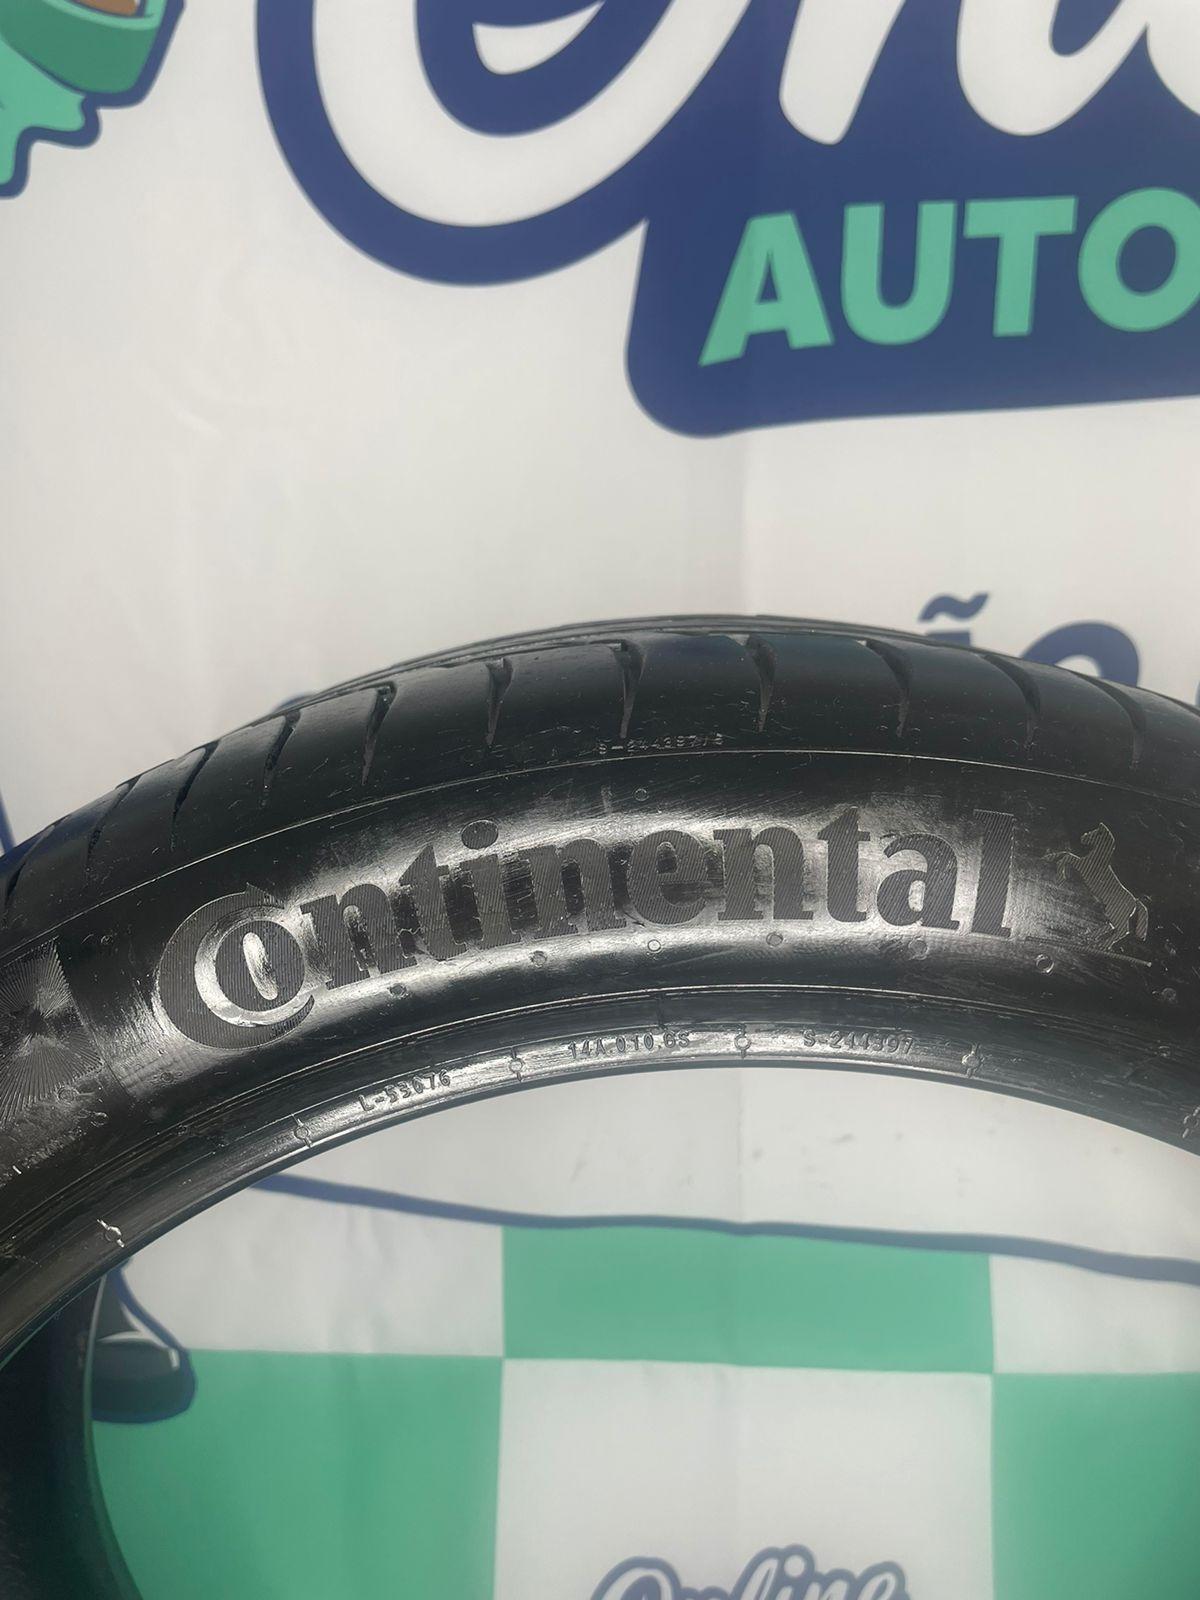 Pneu 225/45/19 Continental Premium Contact 6 Ssr Run Flat